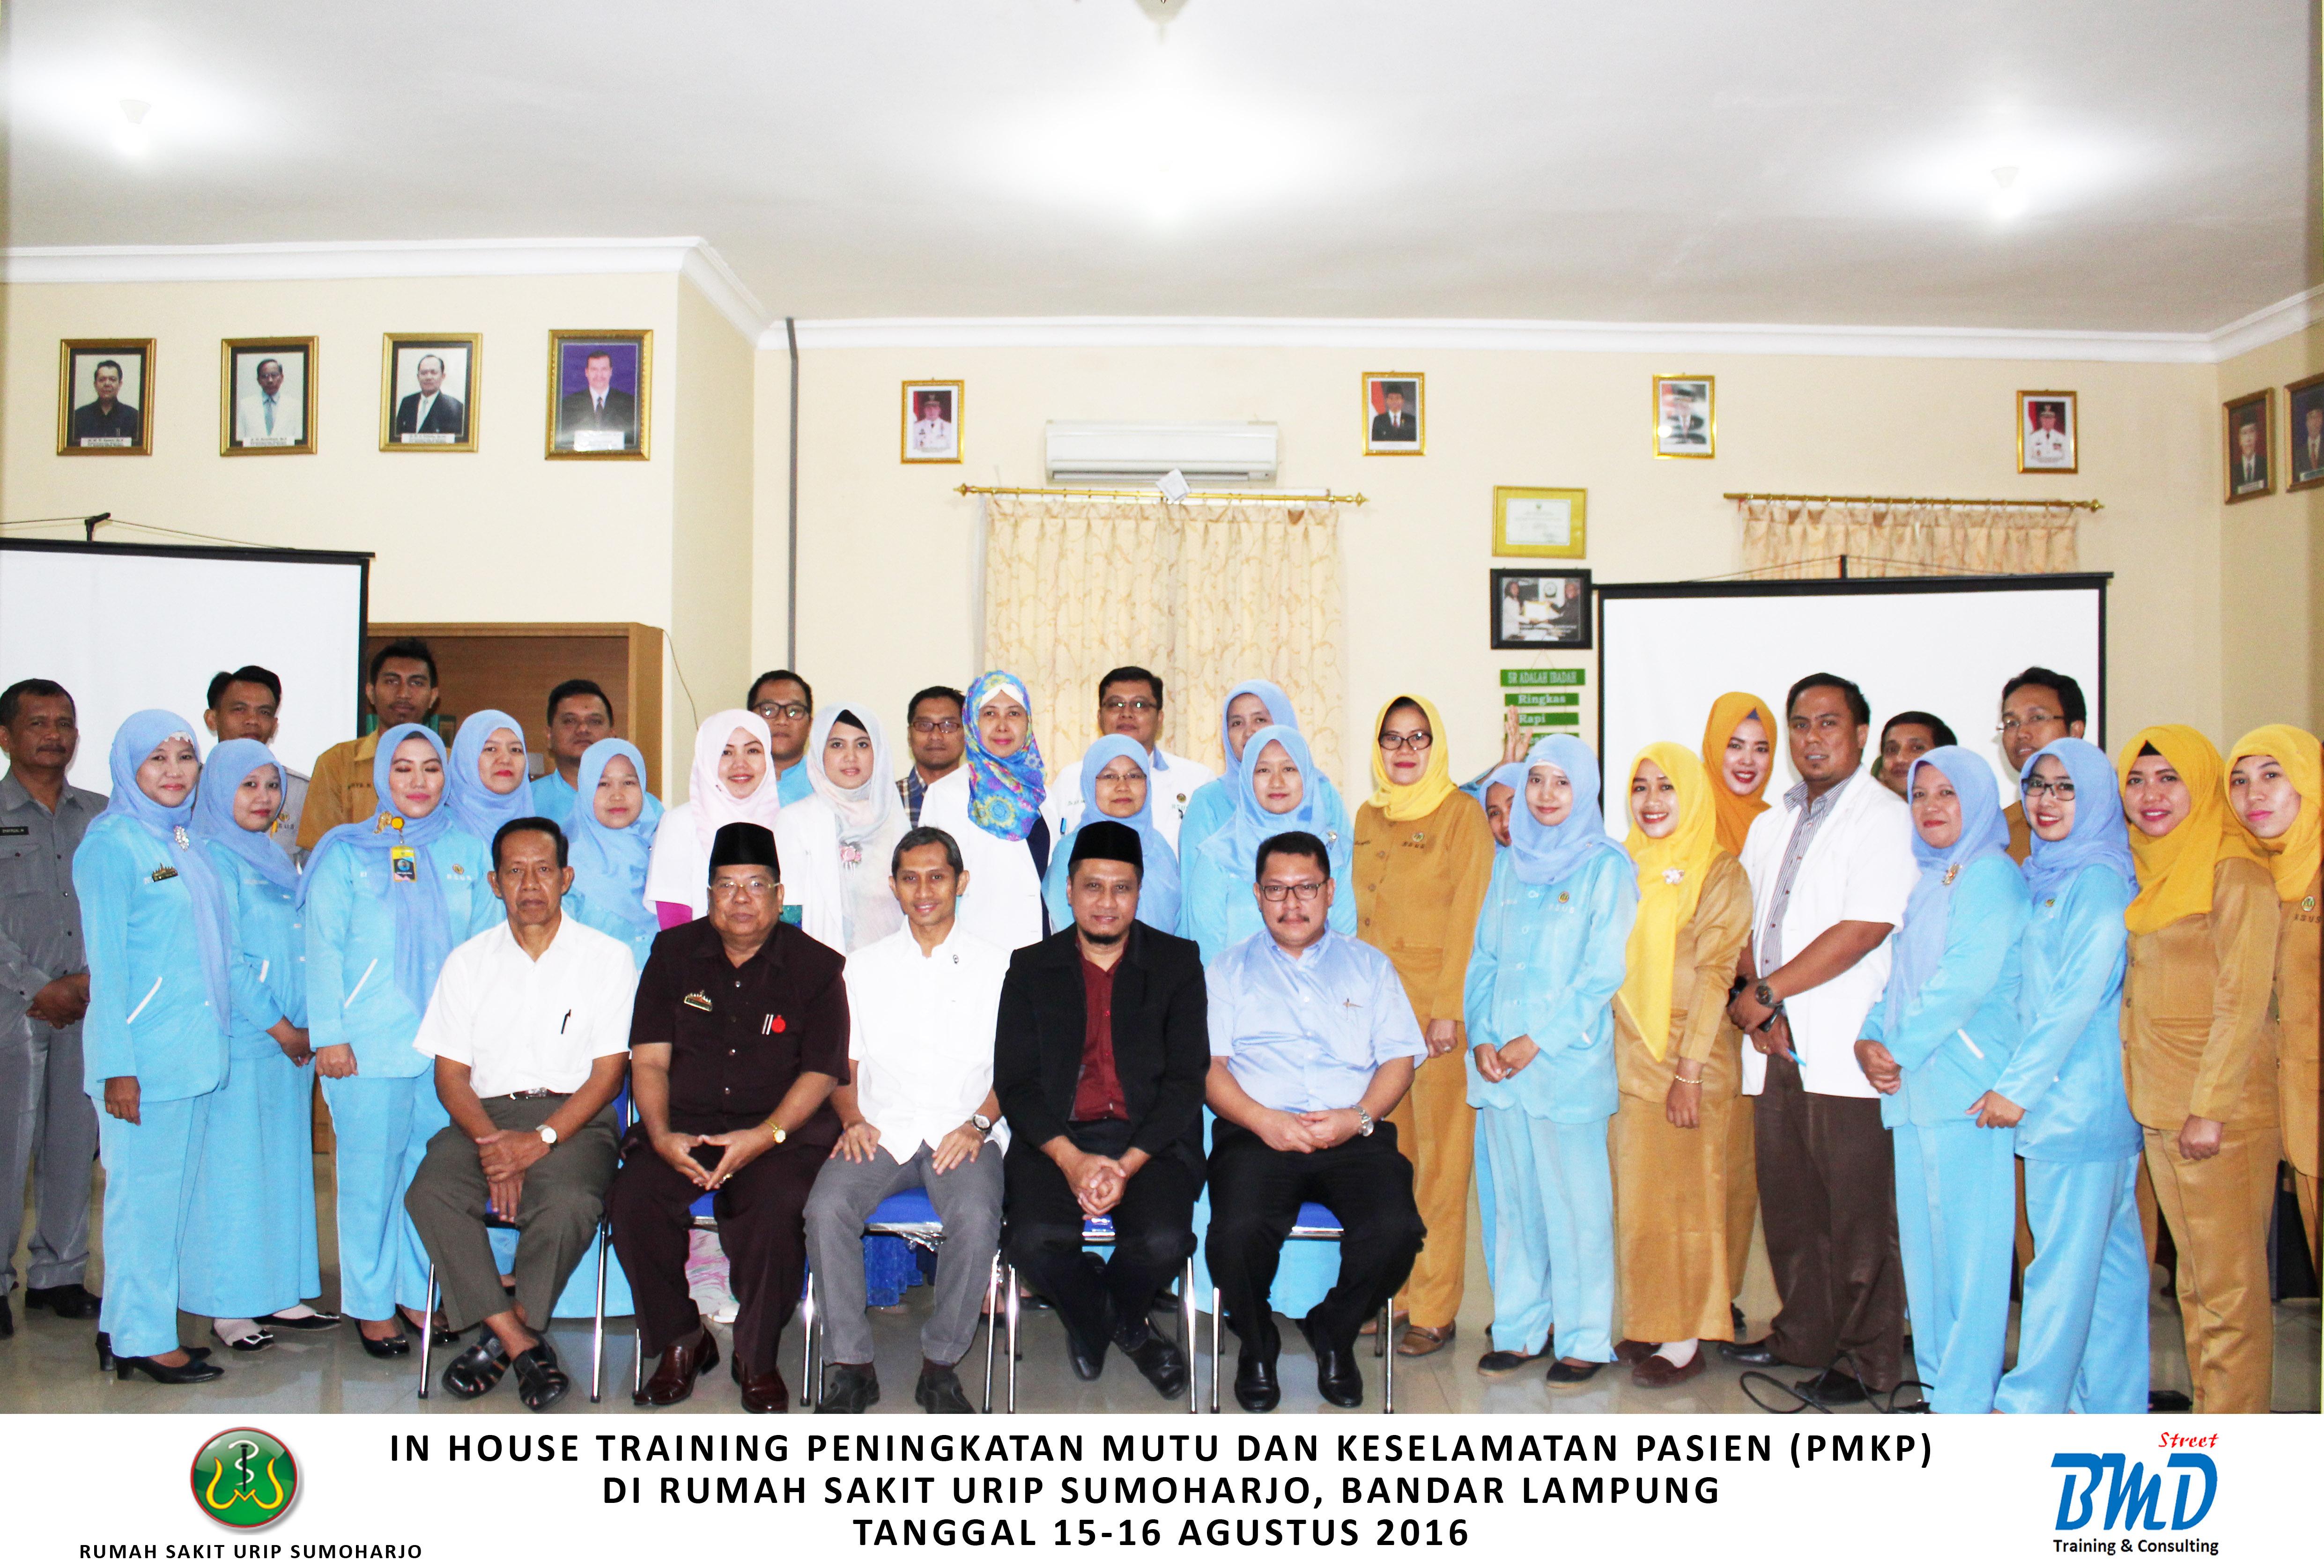 Training Peningkatan Mutu dan Keselamatan Pasien di Rumah Sakit (PMKP) (11-12 Maret 2019 Bogor)